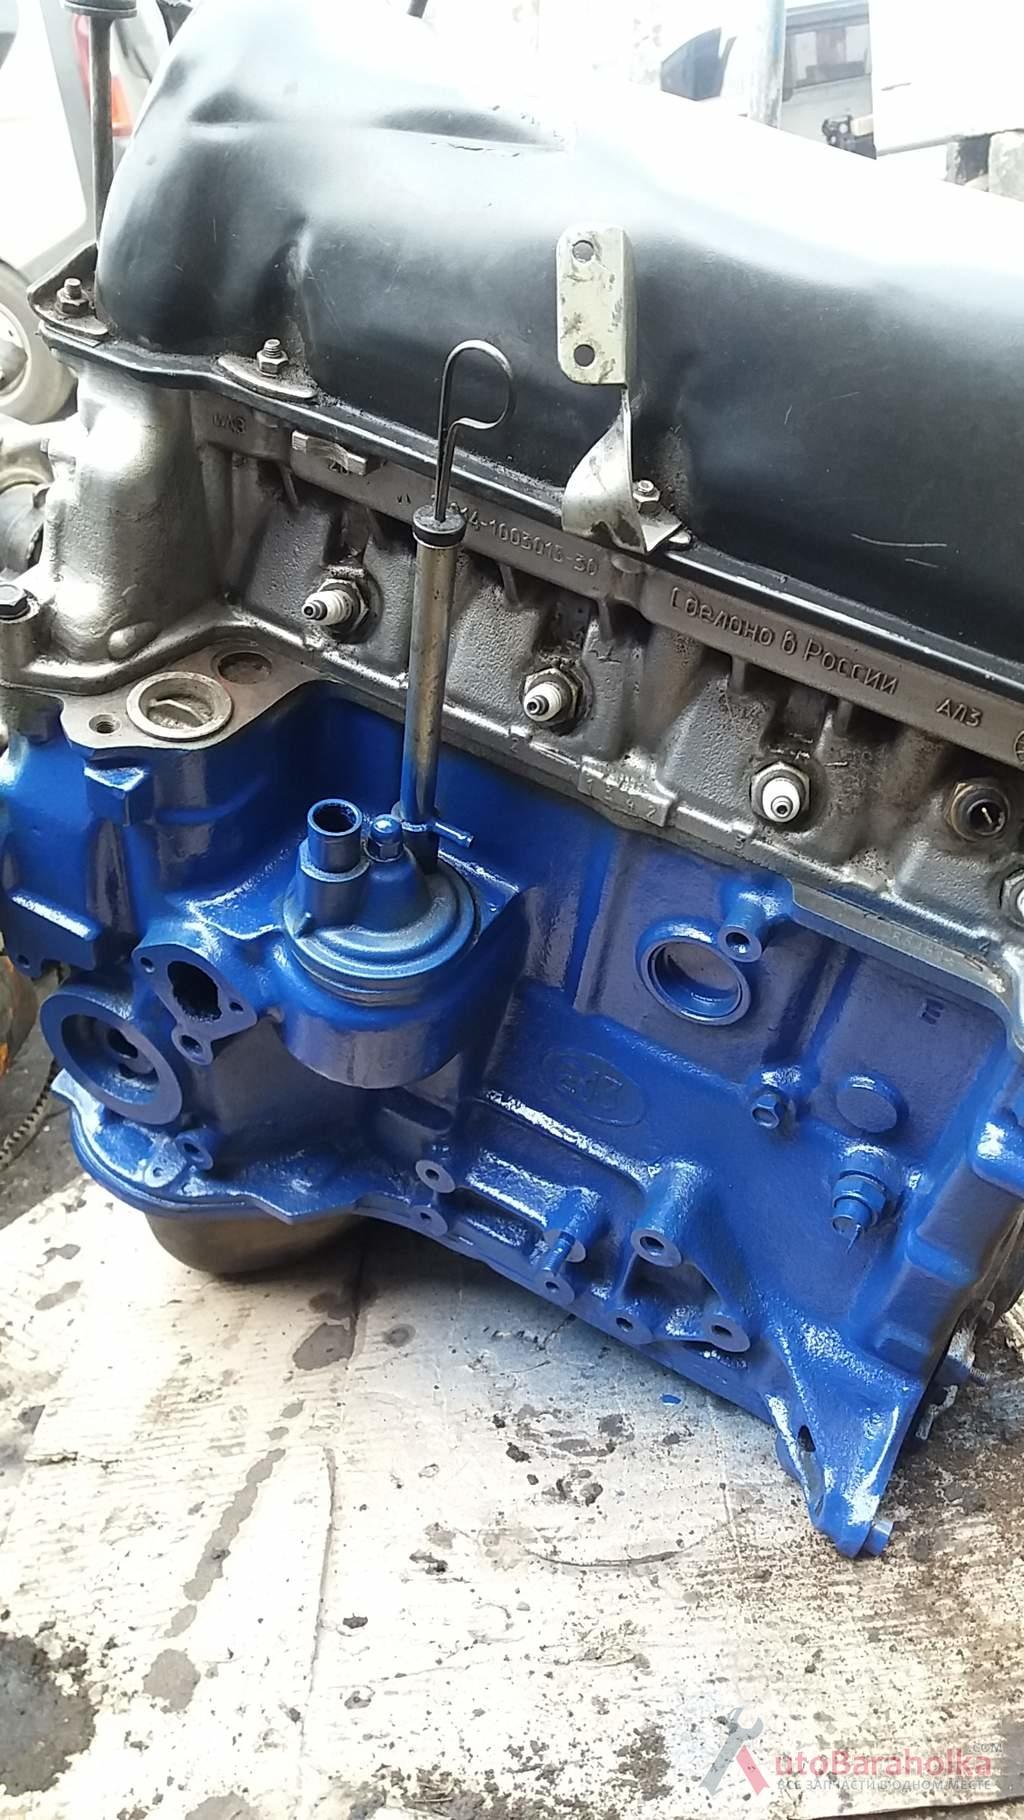 Продам Двигатель ВАЗ 21213 073 инжектор, с экспортных машин, проверенный, оригинальные детали. Гарантия Херсон